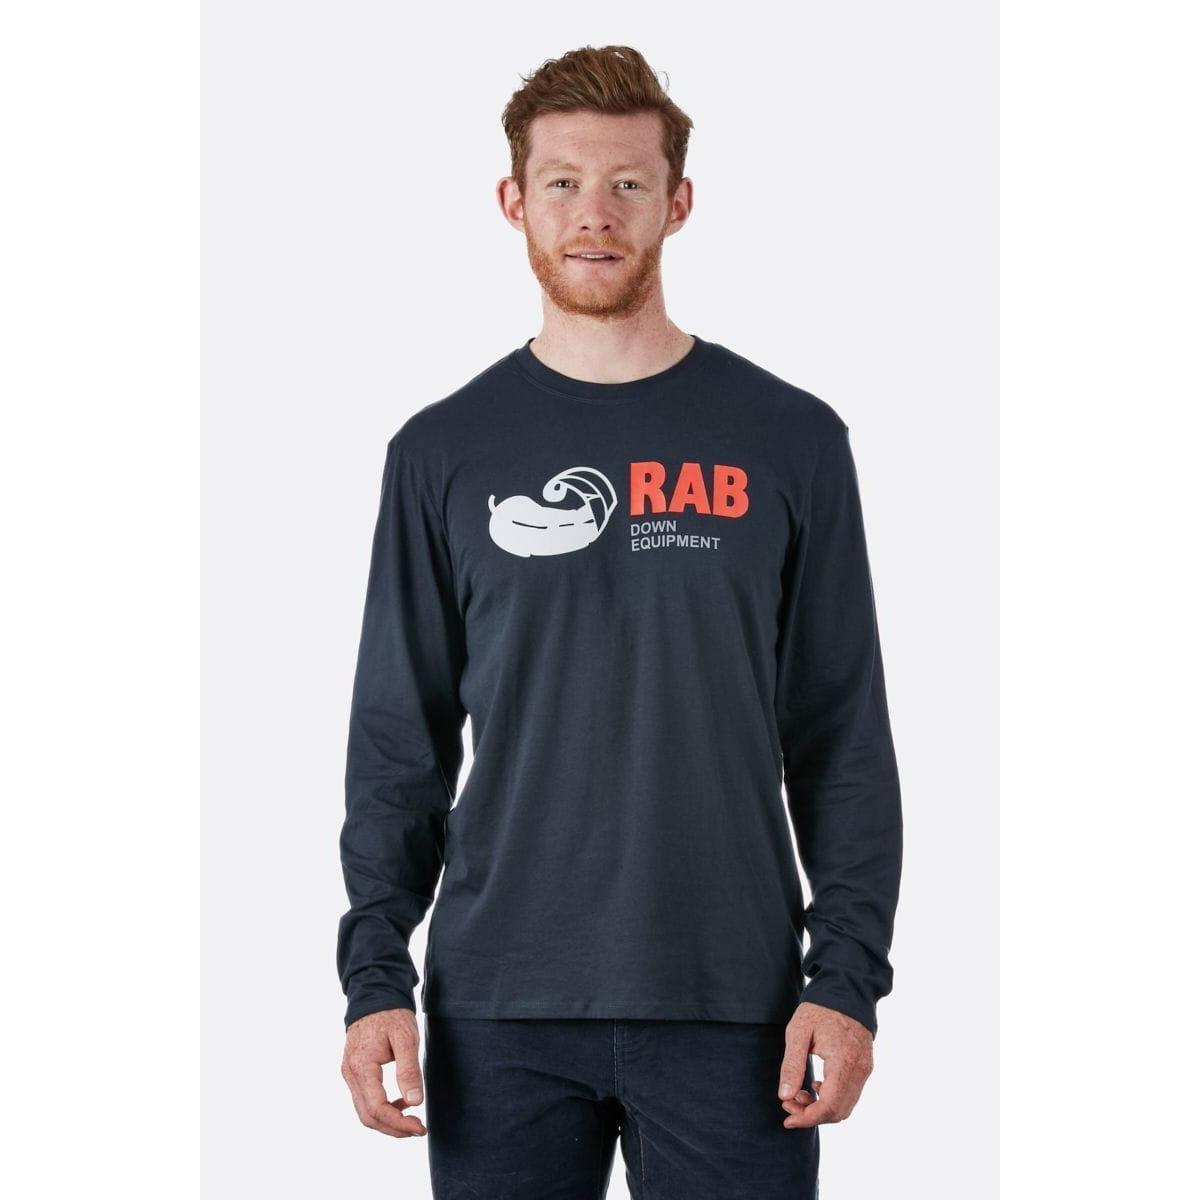 Rab Men's Rab Stance Vintage LS Tee - Grey